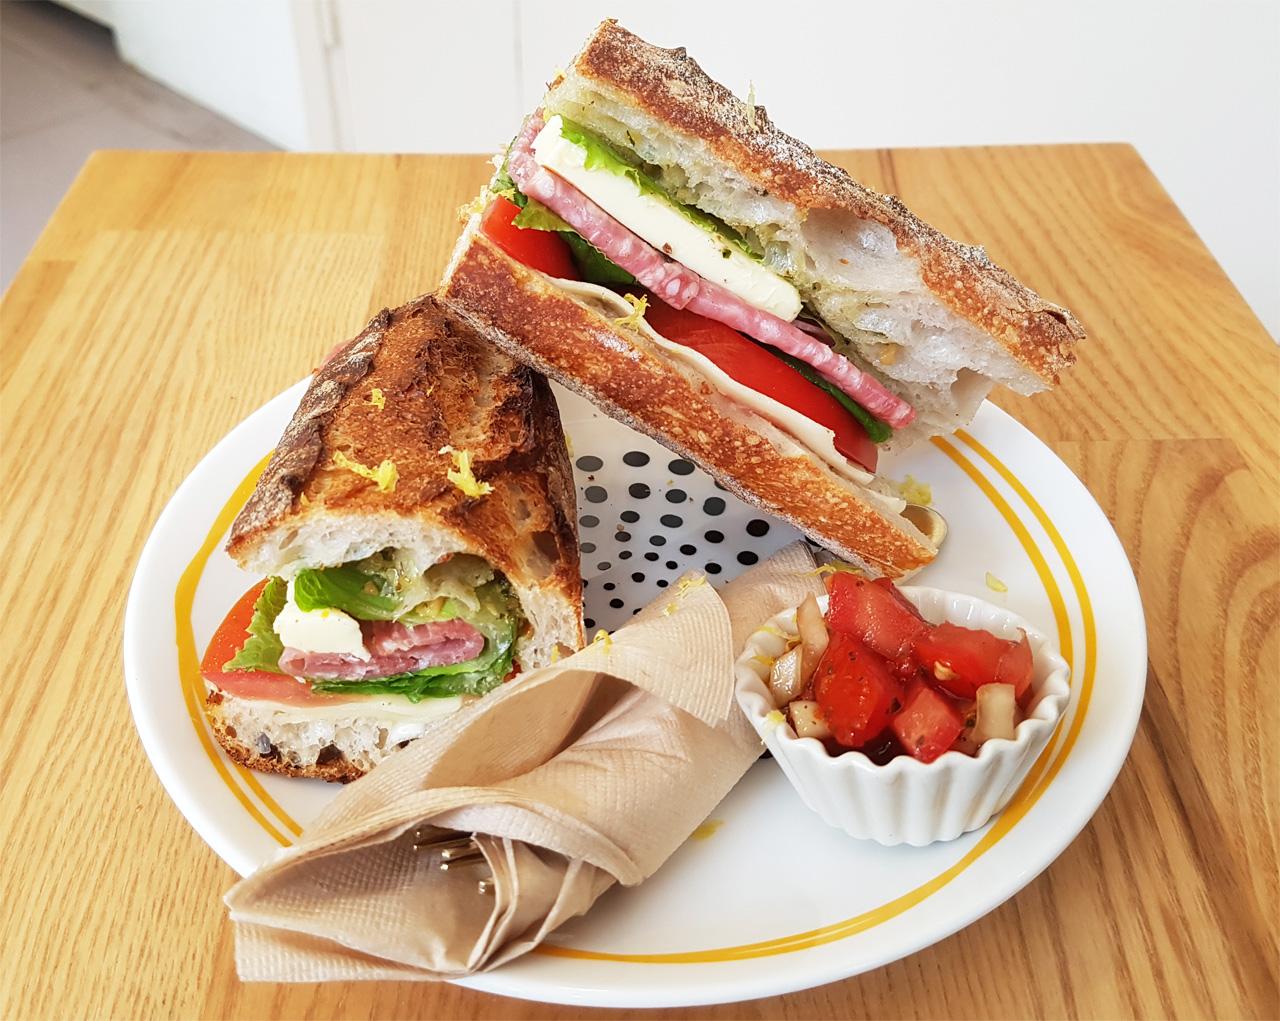 대표 메뉴인 바게트 샌드위치다.